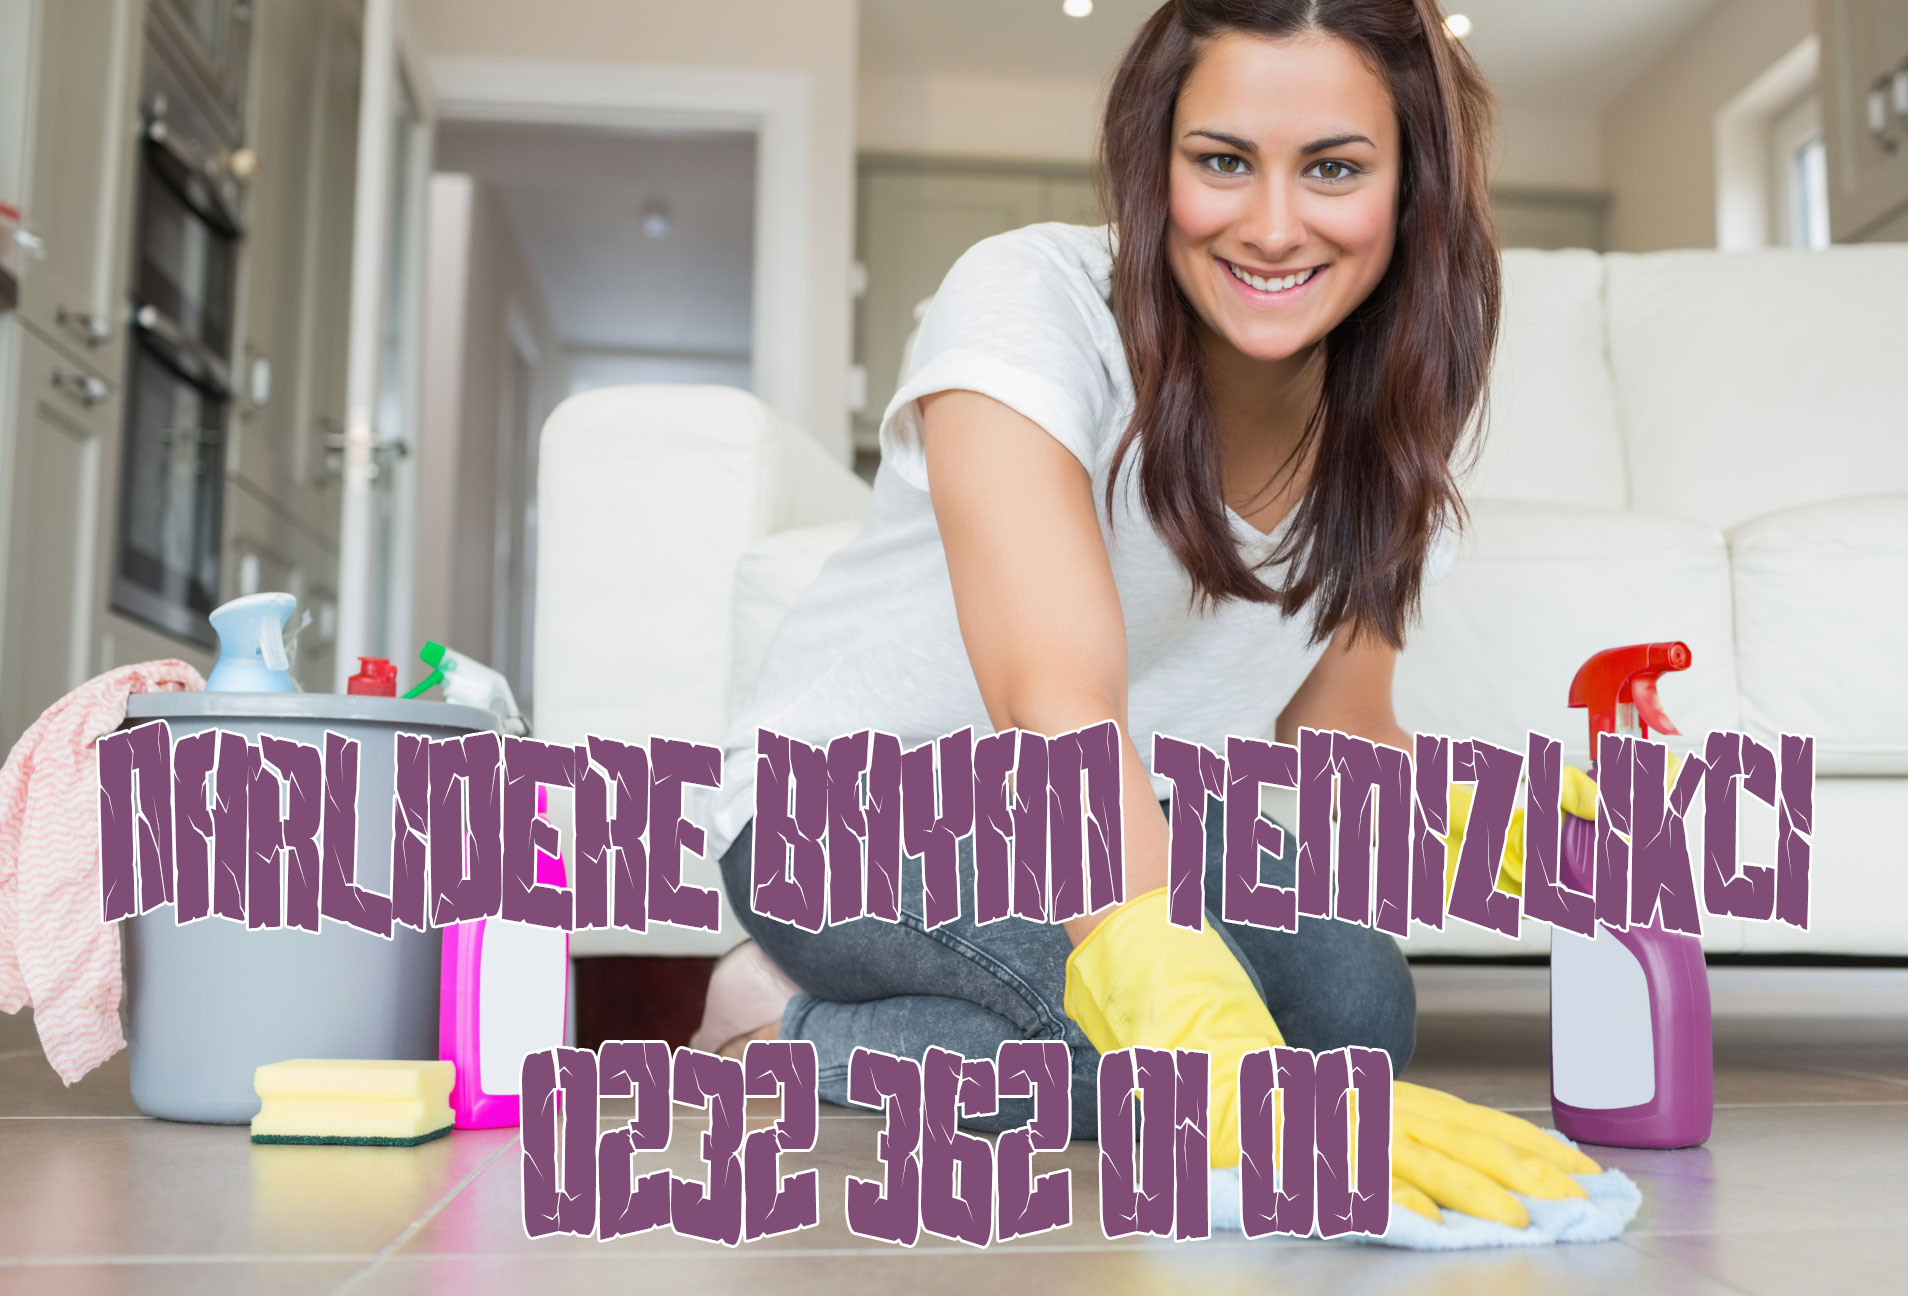 narlıdere bayan temizlikçi,narlıdere temizlikçi bayan,narlıdere temizlik,narlıdere temizlik şirketi